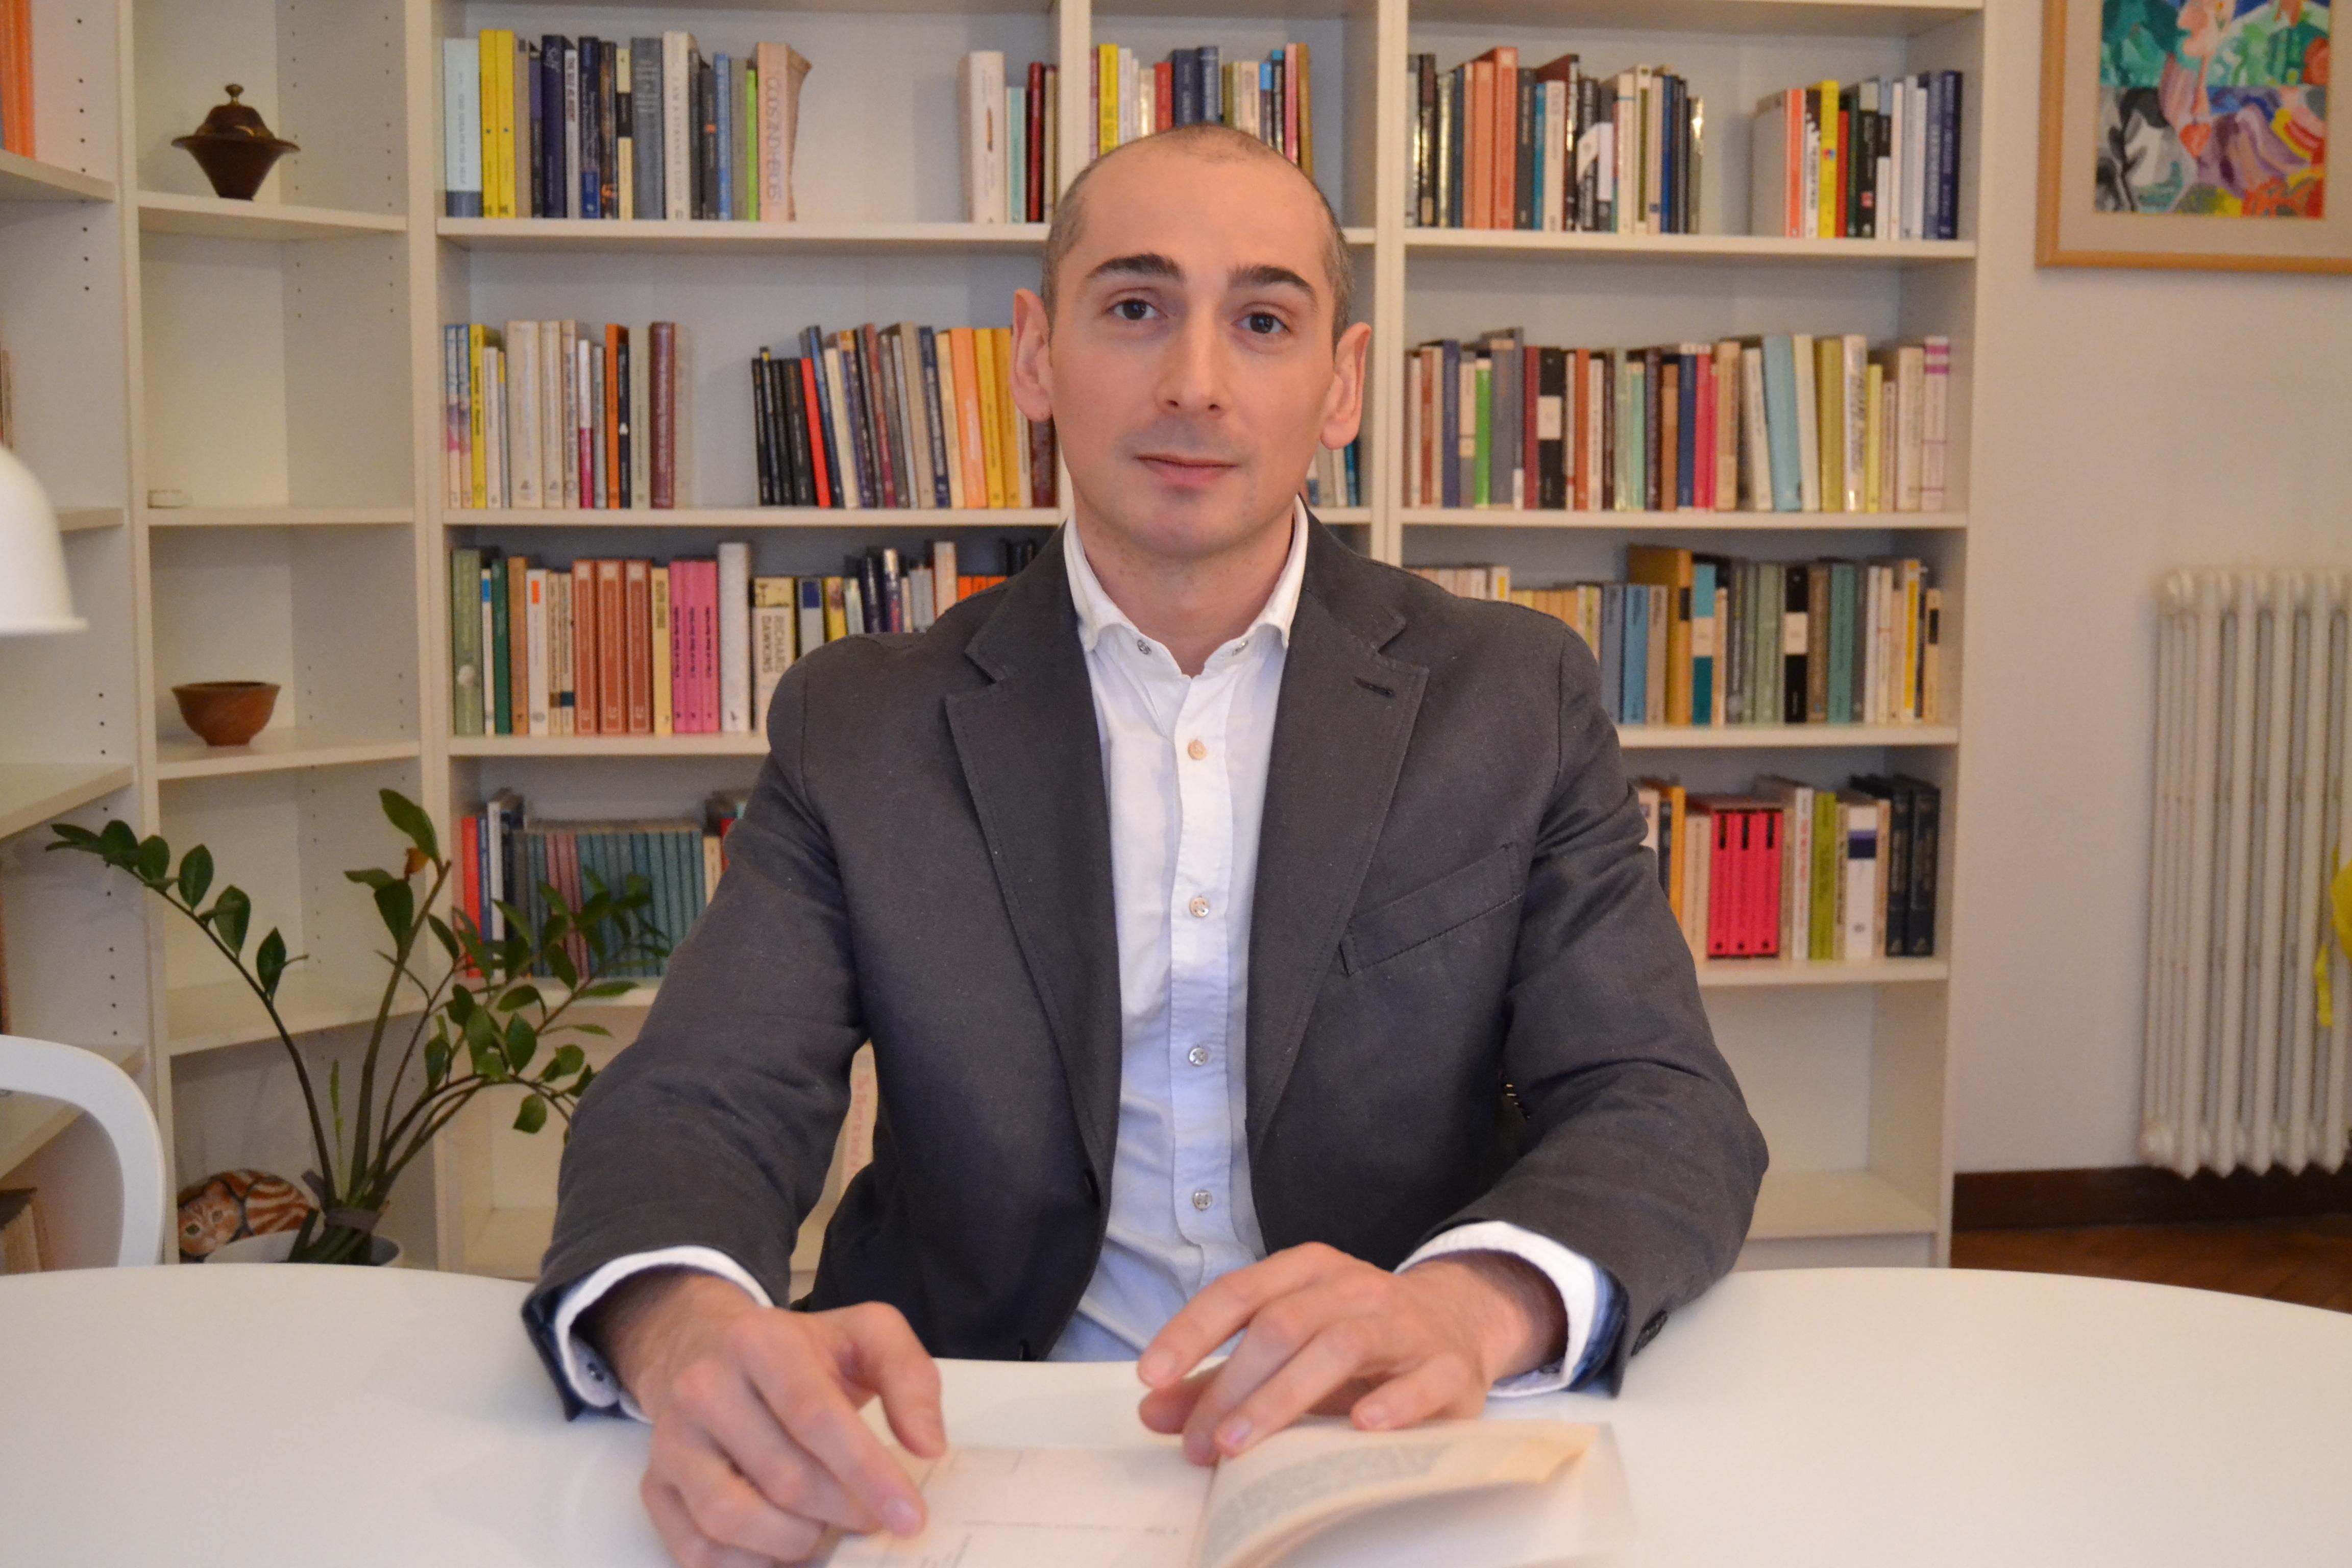 Psicologo Psicoterapeuta a Milano